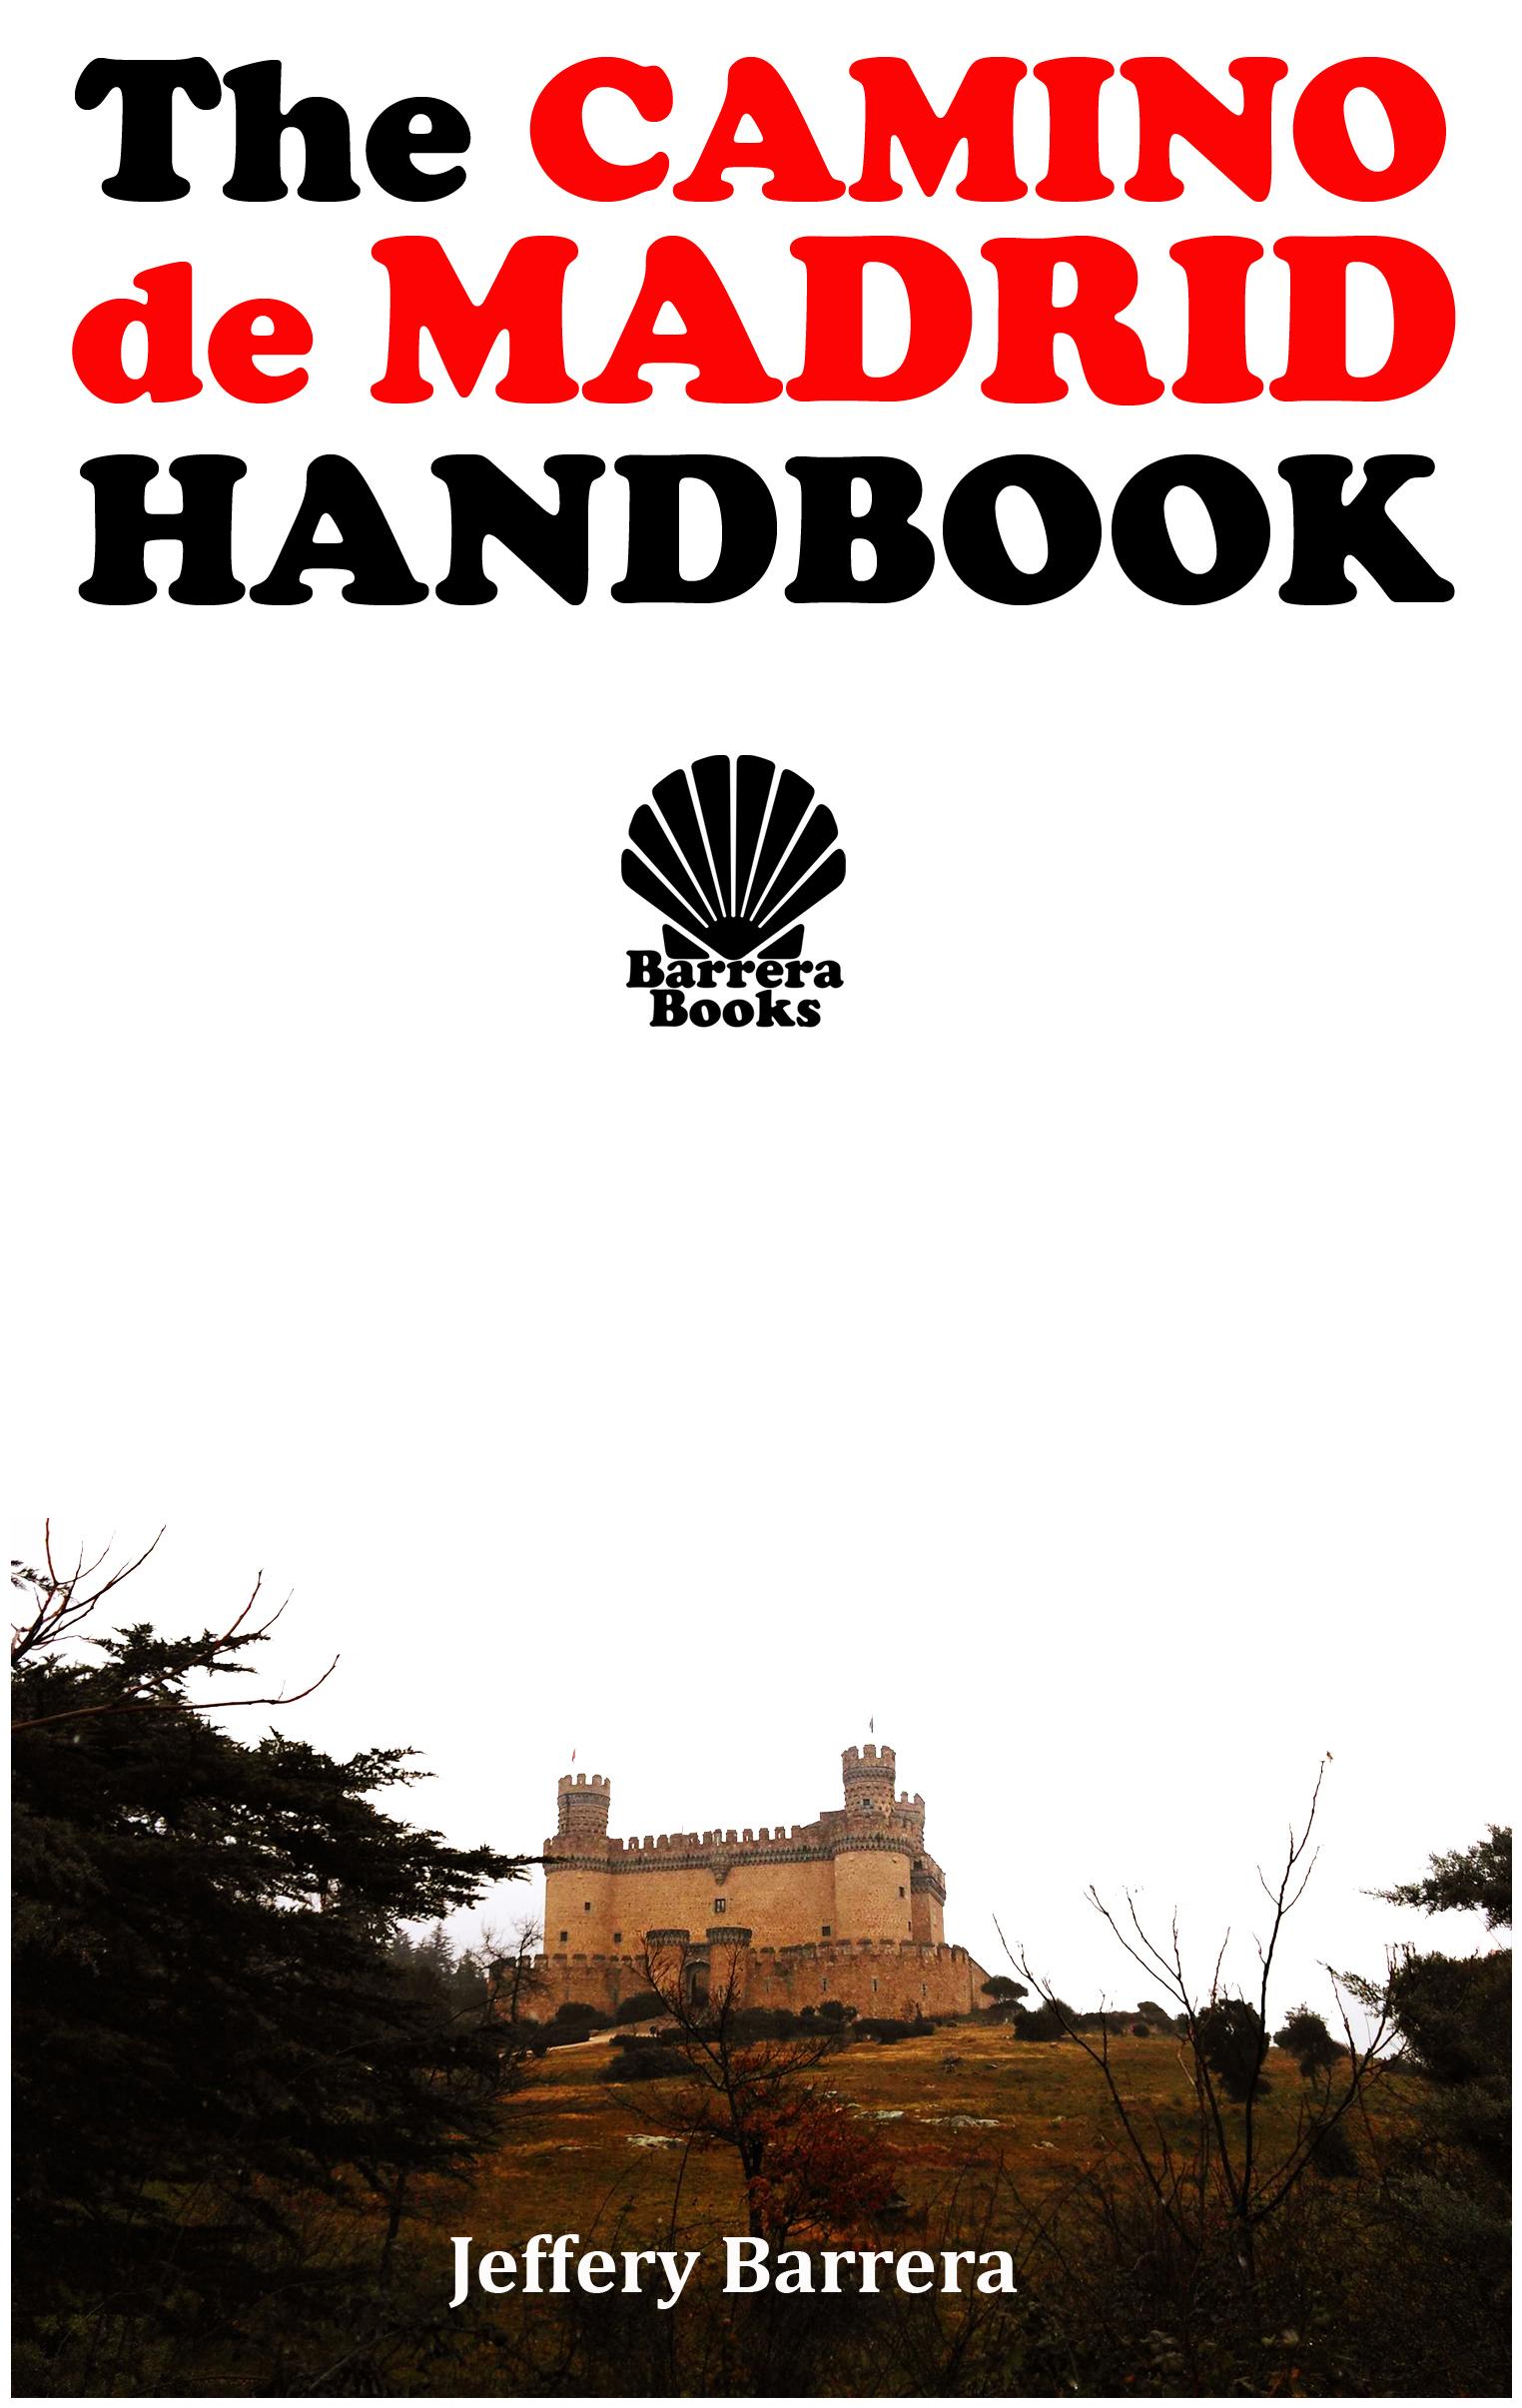 Handbook Camino Madrd DEF.jpg